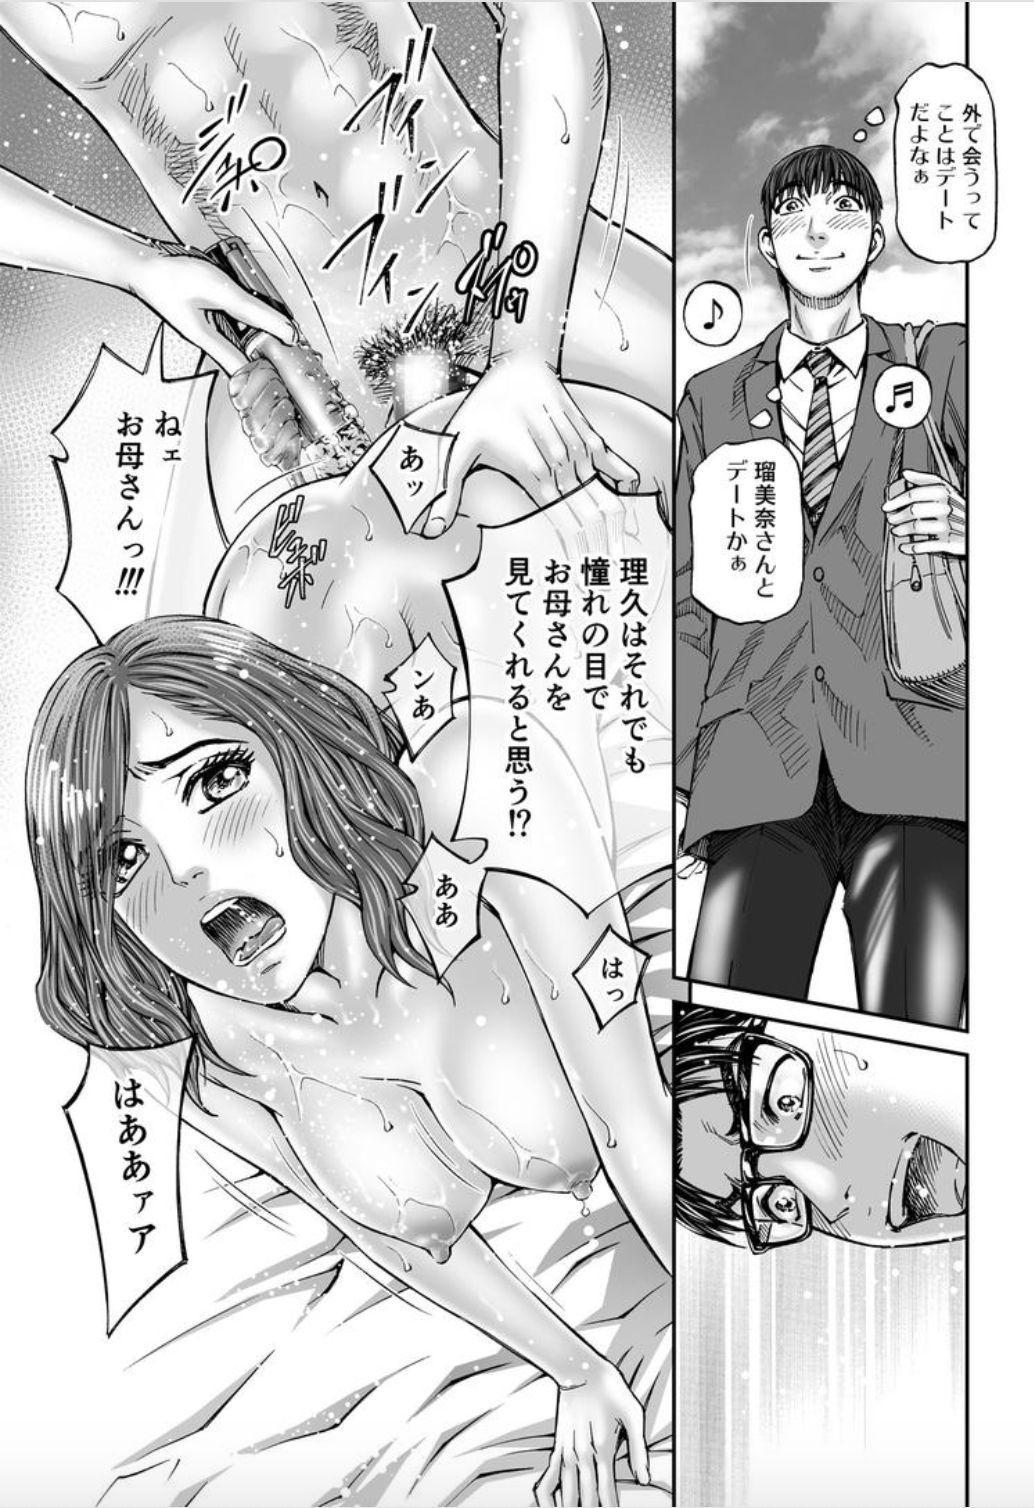 Seisyoku Dance Hitodzuma no chitsueki ni mamirete 1-2 120